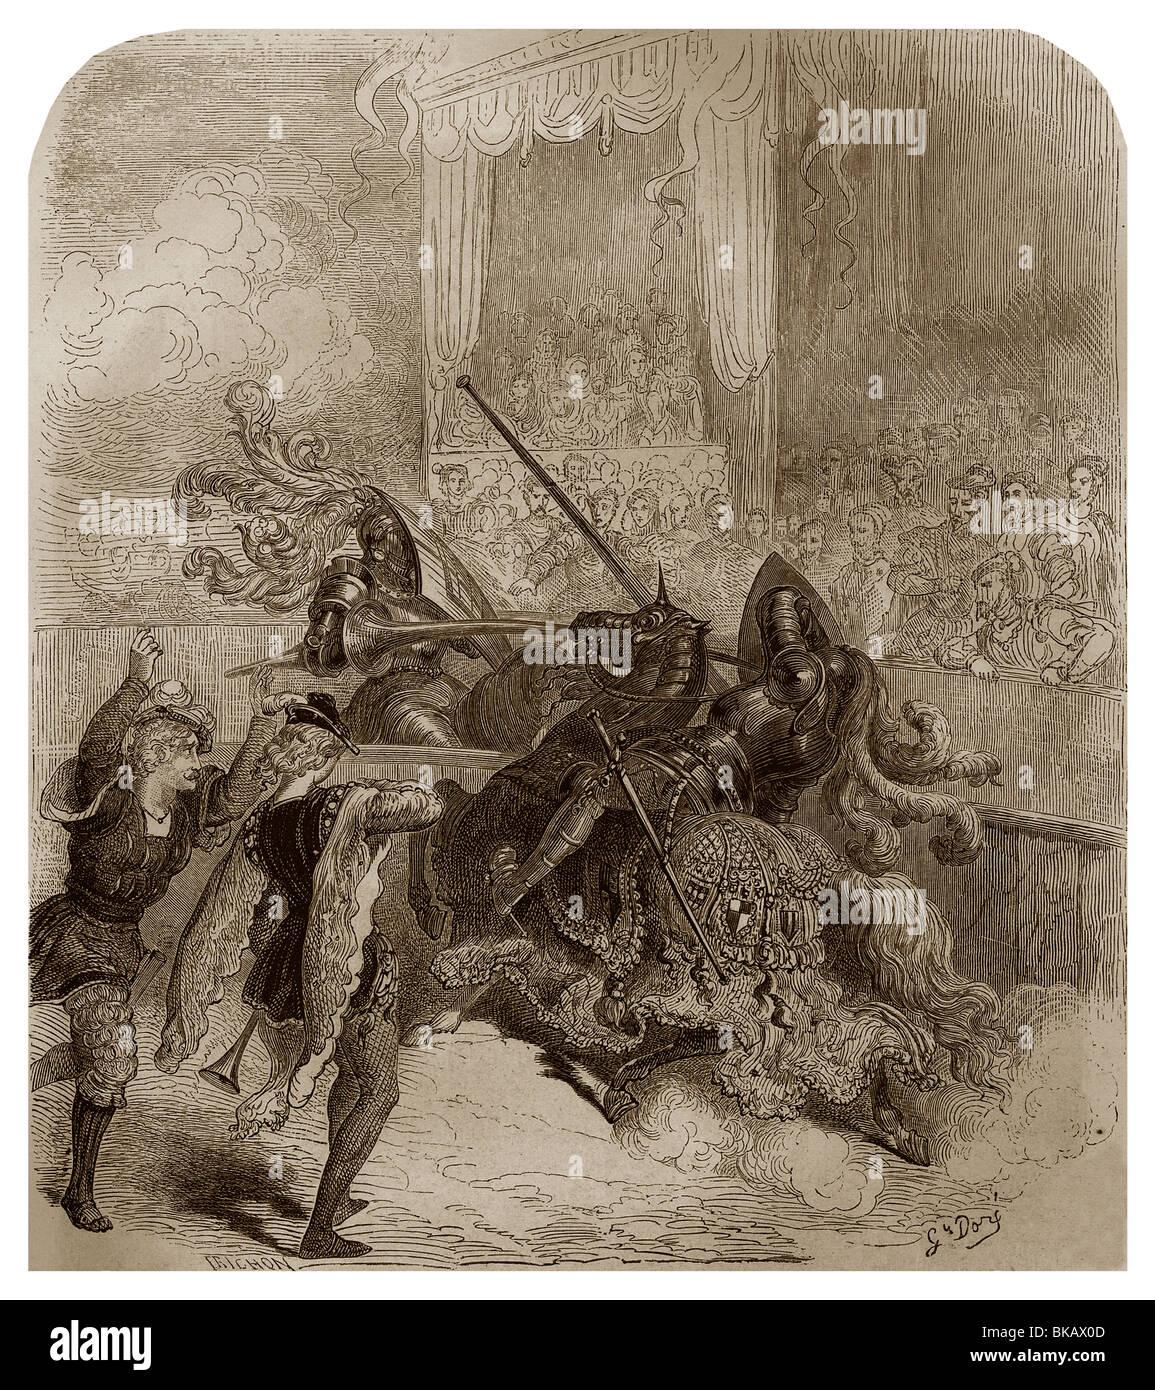 Joust 16th Century Stock Photos & Joust 16th Century Stock